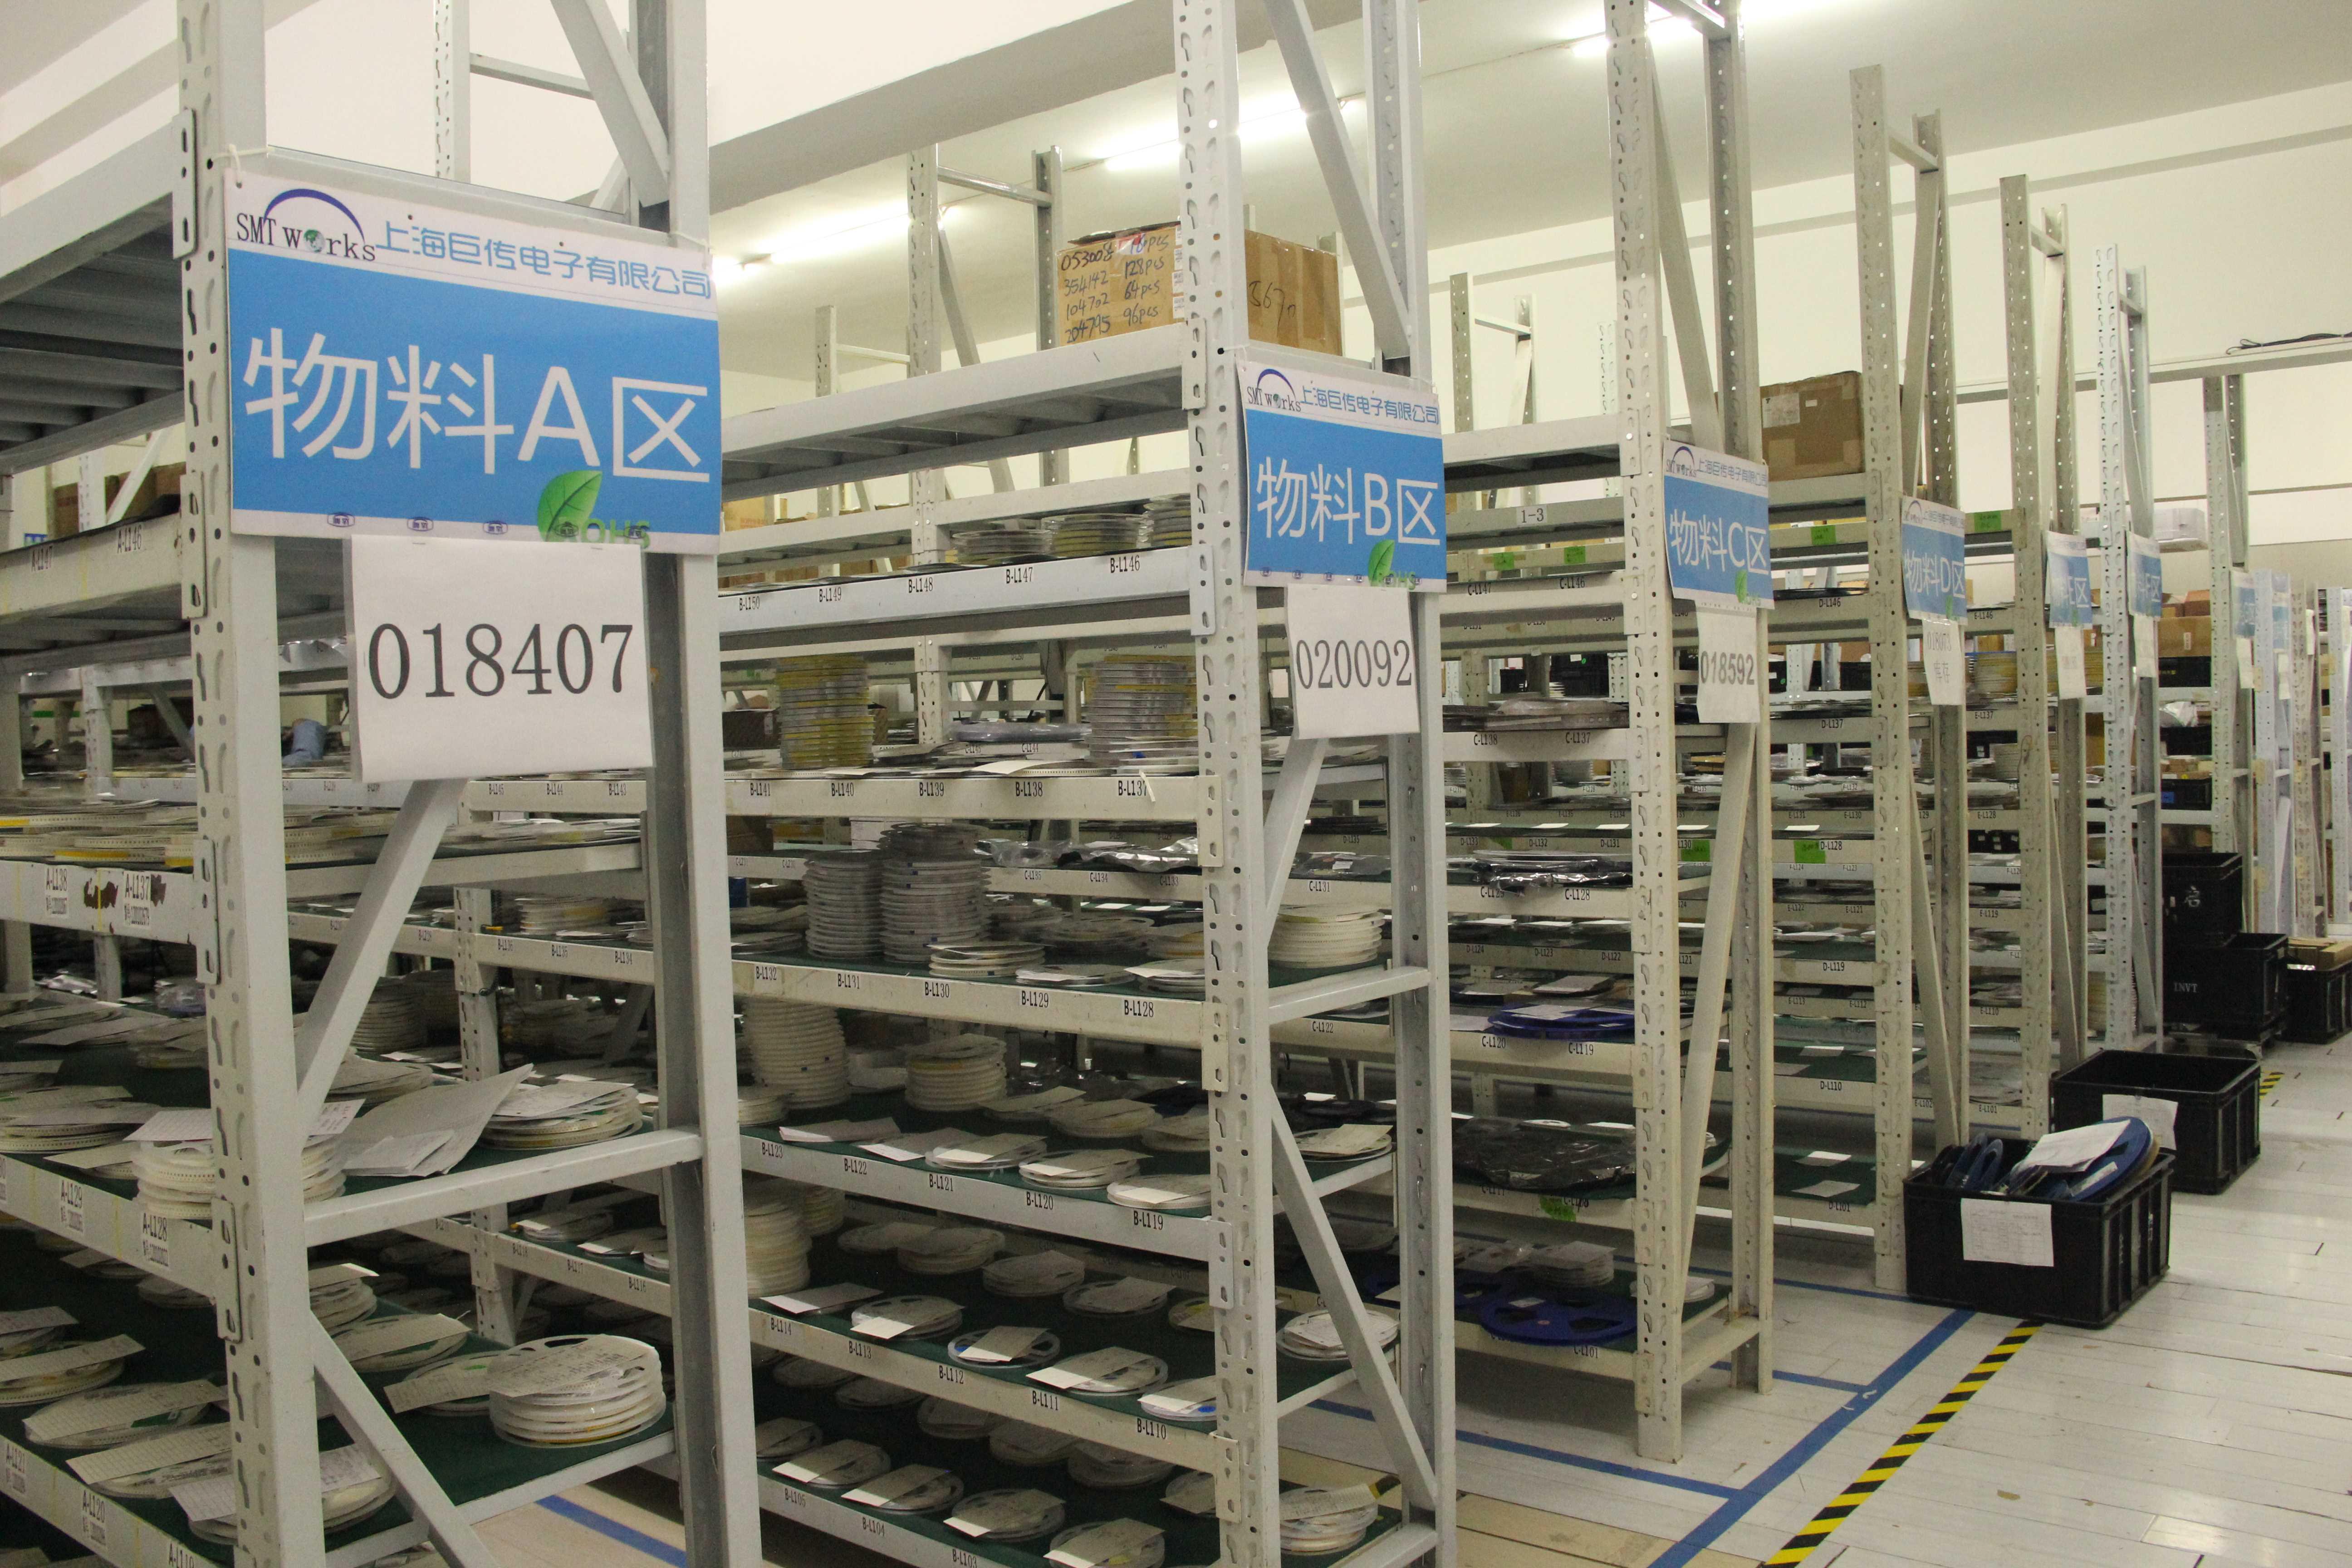 上海巨傳電子阻容倉庫1